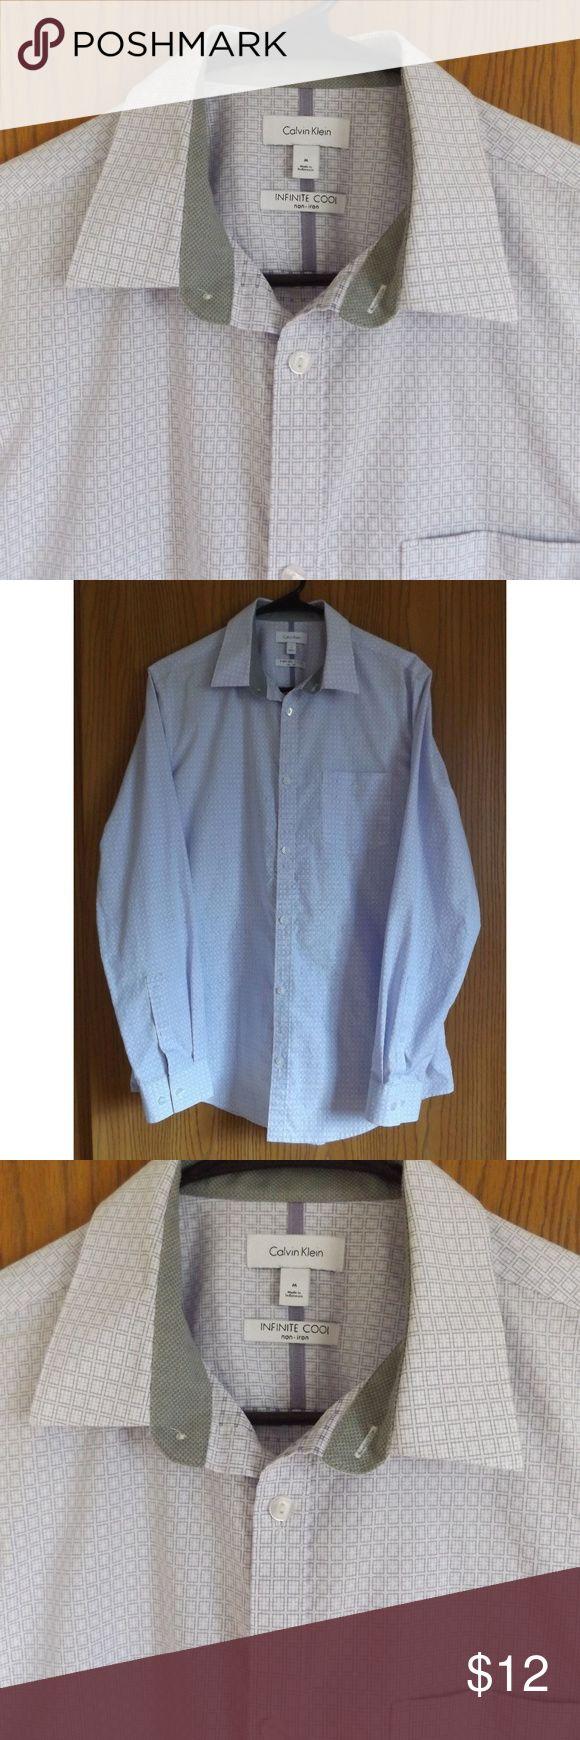 Calvin Klein Men's Infinite Cool Non Iron Shirt Calvin Klein Men's Infinite Cool Non Iron Shirt Size Medium Calvin Klein Shirts Dress Shirts